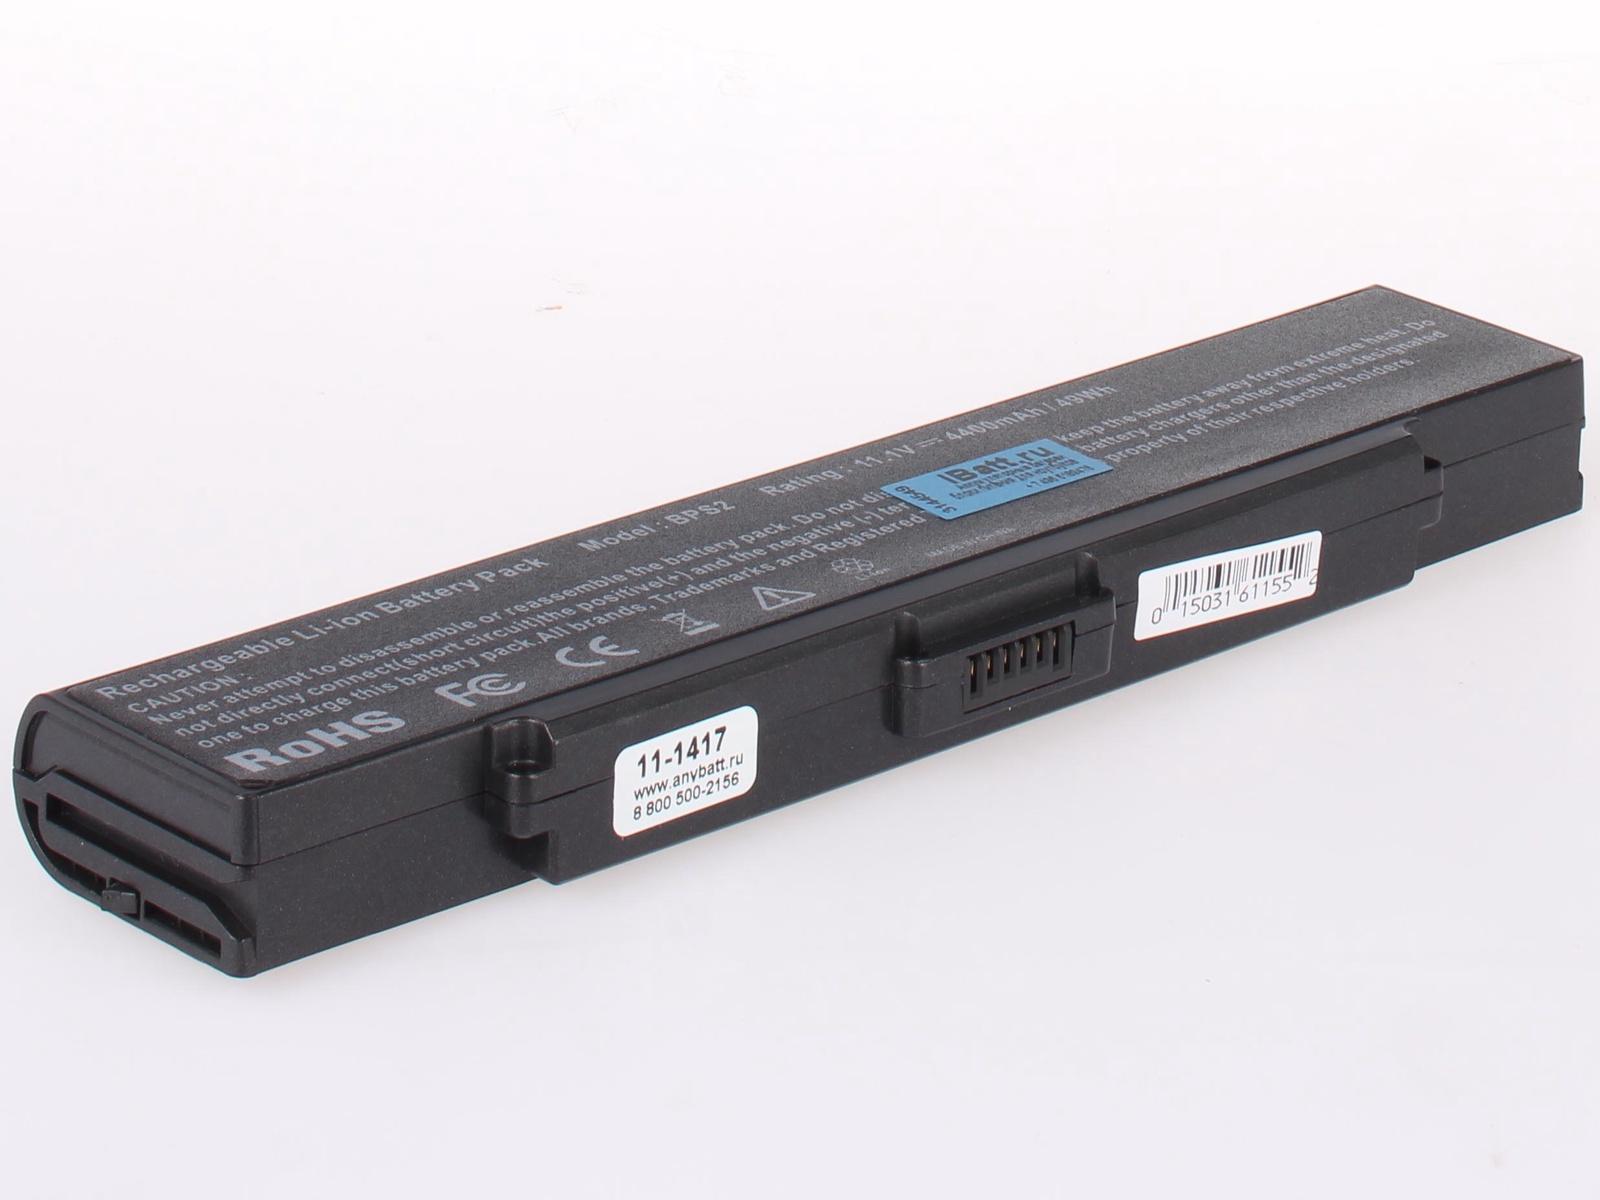 Аккумулятор для ноутбука AnyBatt для Sony VAIO VGN-N11, VAIO VGN-N130G, VAIO PCG-7K1L, VAIO PCG-7T2M, VAIO PCG-7V1M, VAIO VGN-AR190G, VAIO VGN-FS115MR, VAIO VGN-FS315H, VAIO PCG-6C2L, VAIO VGN-AR70B, VAIO VGN-FE11MR аккумулятор topon top bps9 nocd 11 1v 5200mah для pn vgp bps9a b vgp bps9 b vgp bps9 s vgp bpl9 vgp bps10